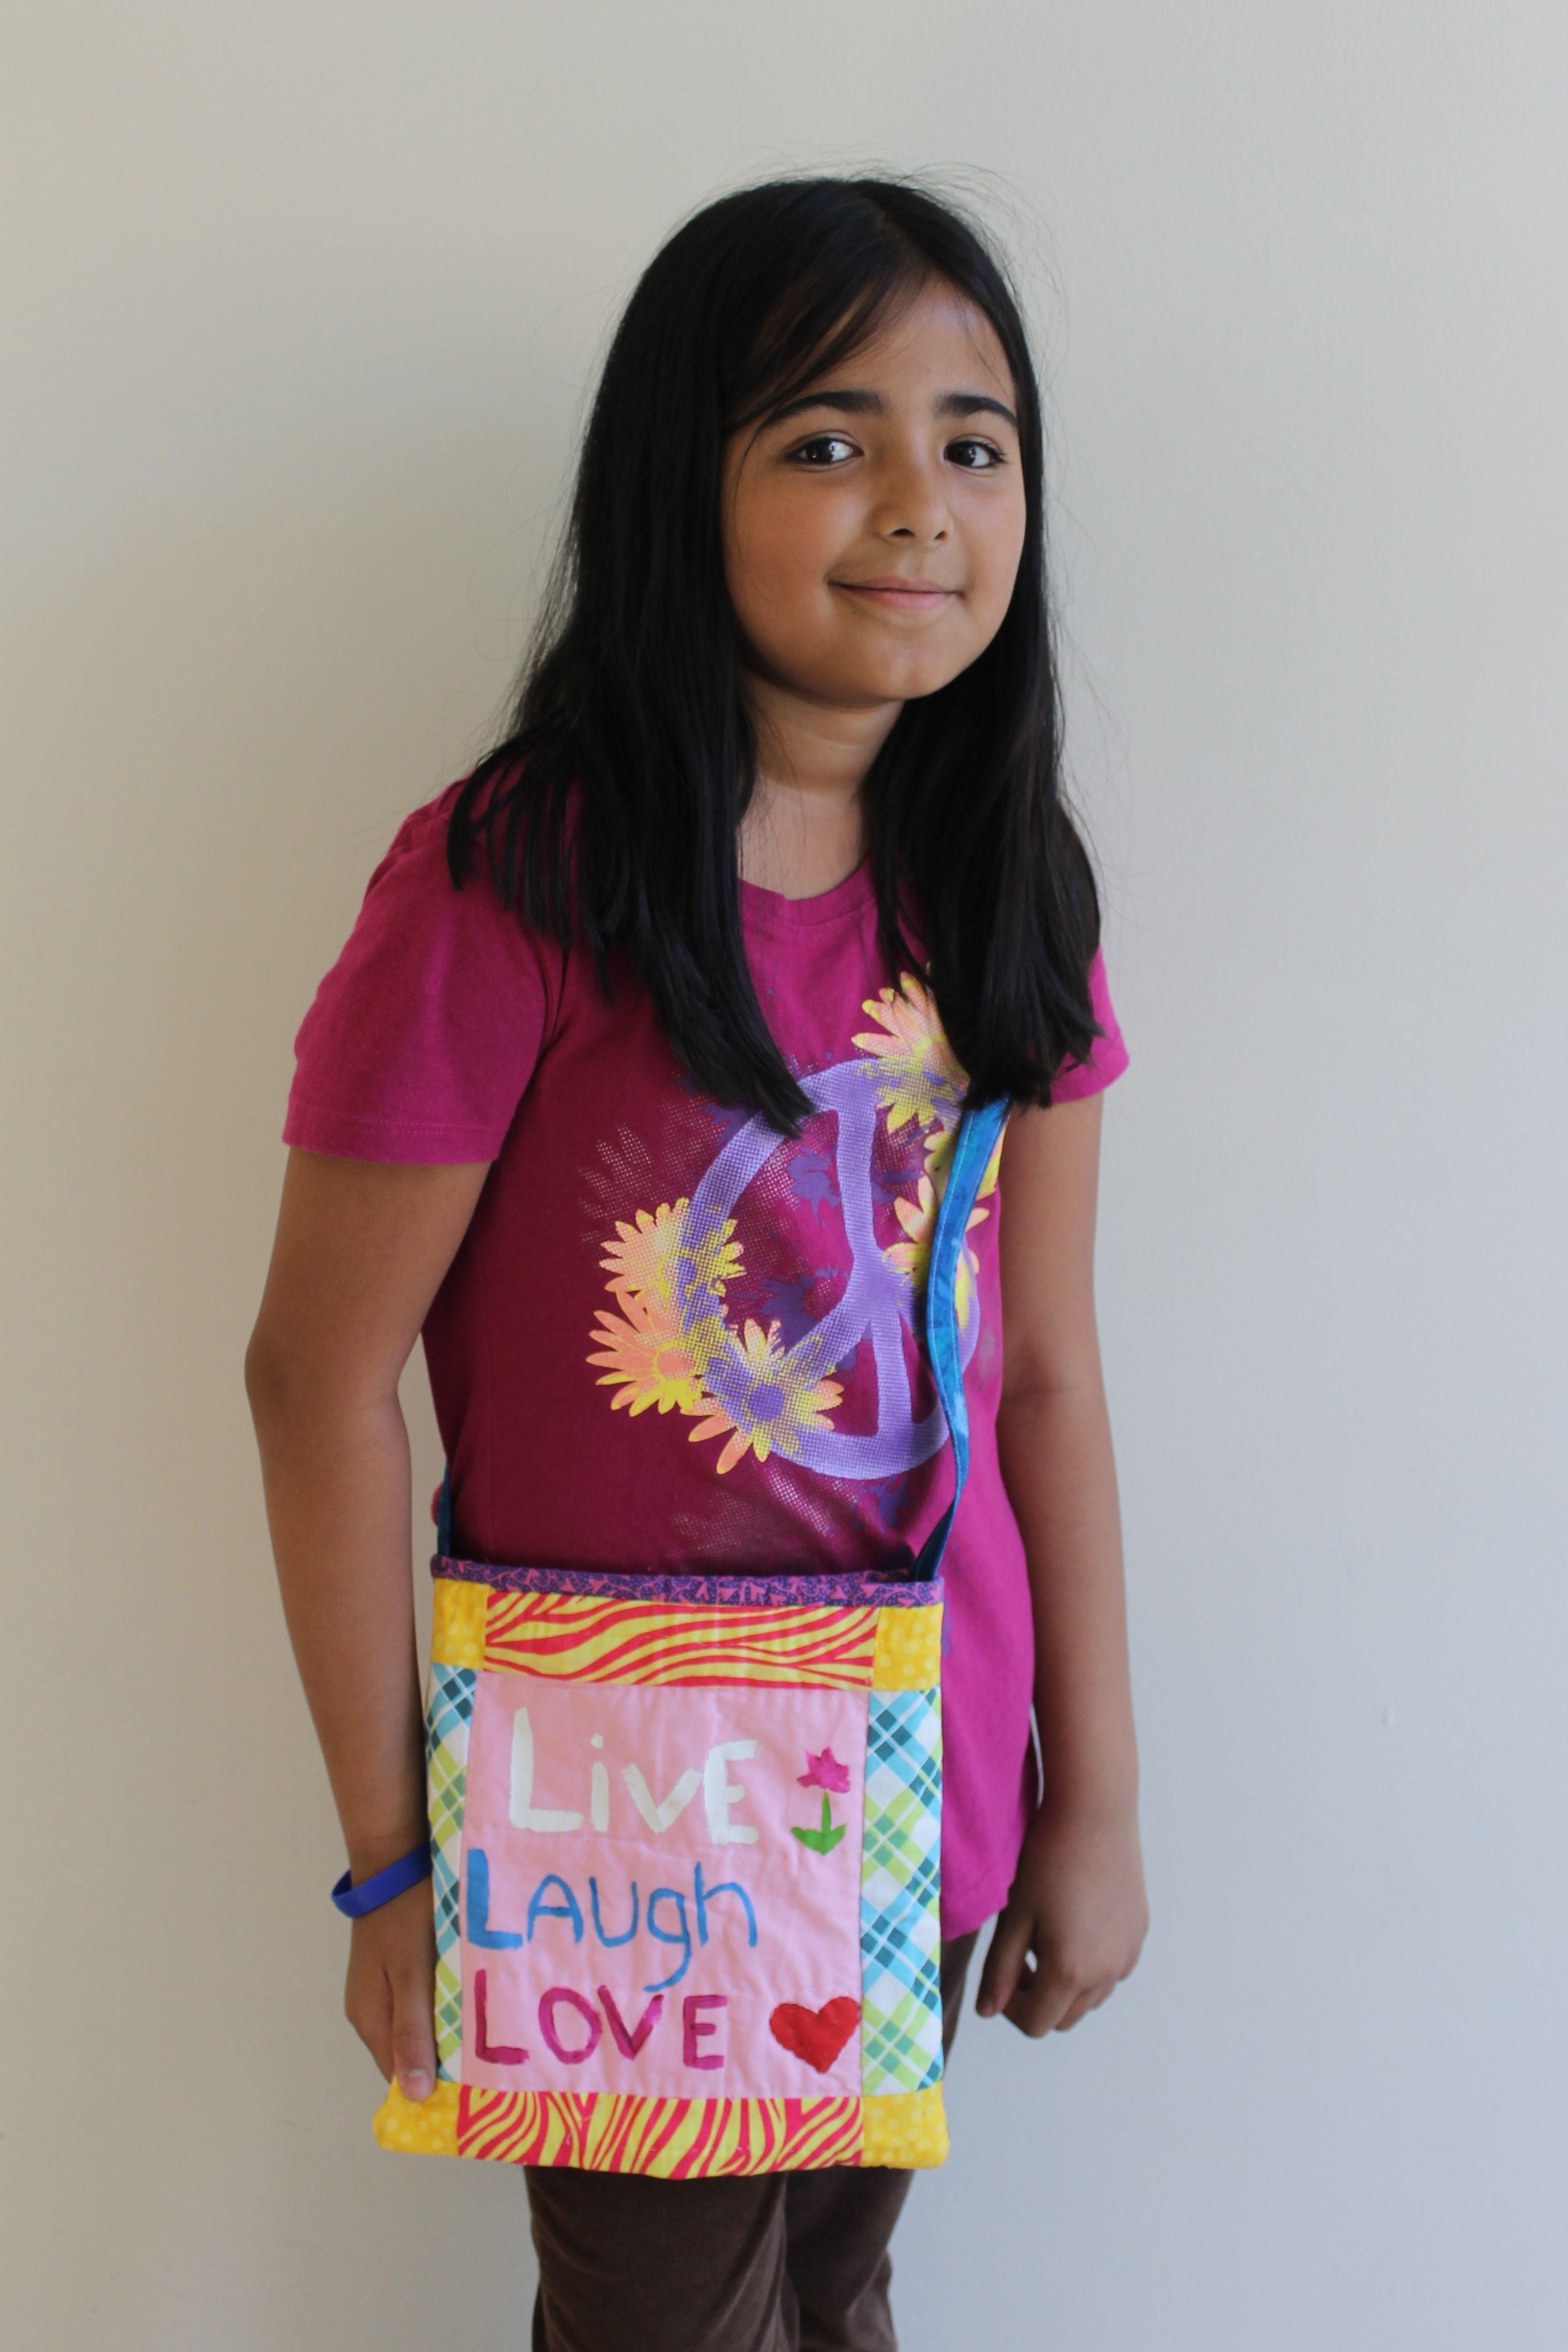 Pramita's purse